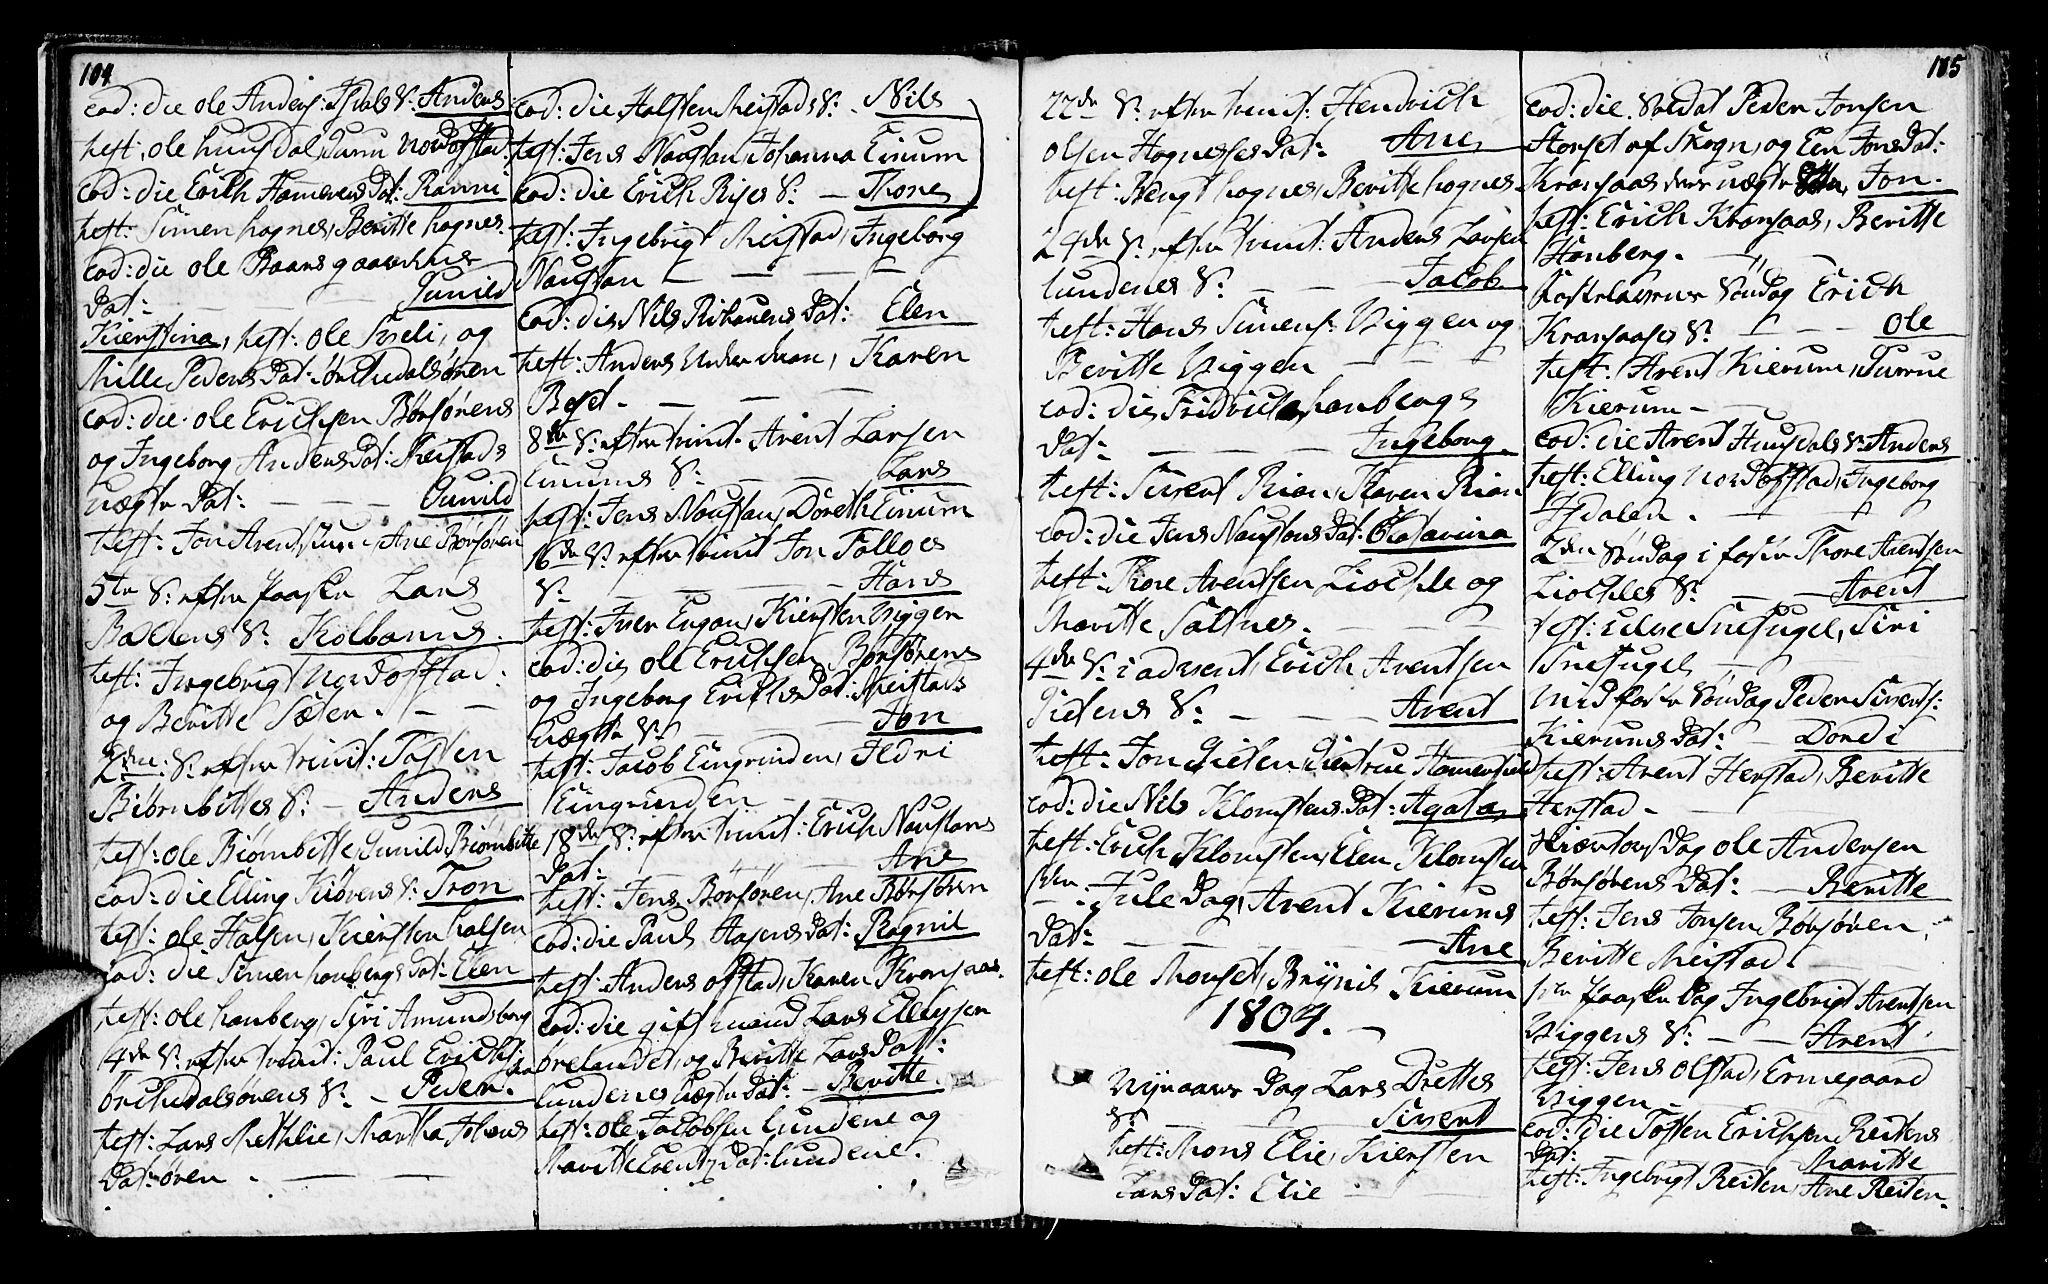 SAT, Ministerialprotokoller, klokkerbøker og fødselsregistre - Sør-Trøndelag, 665/L0769: Ministerialbok nr. 665A04, 1803-1816, s. 104-105